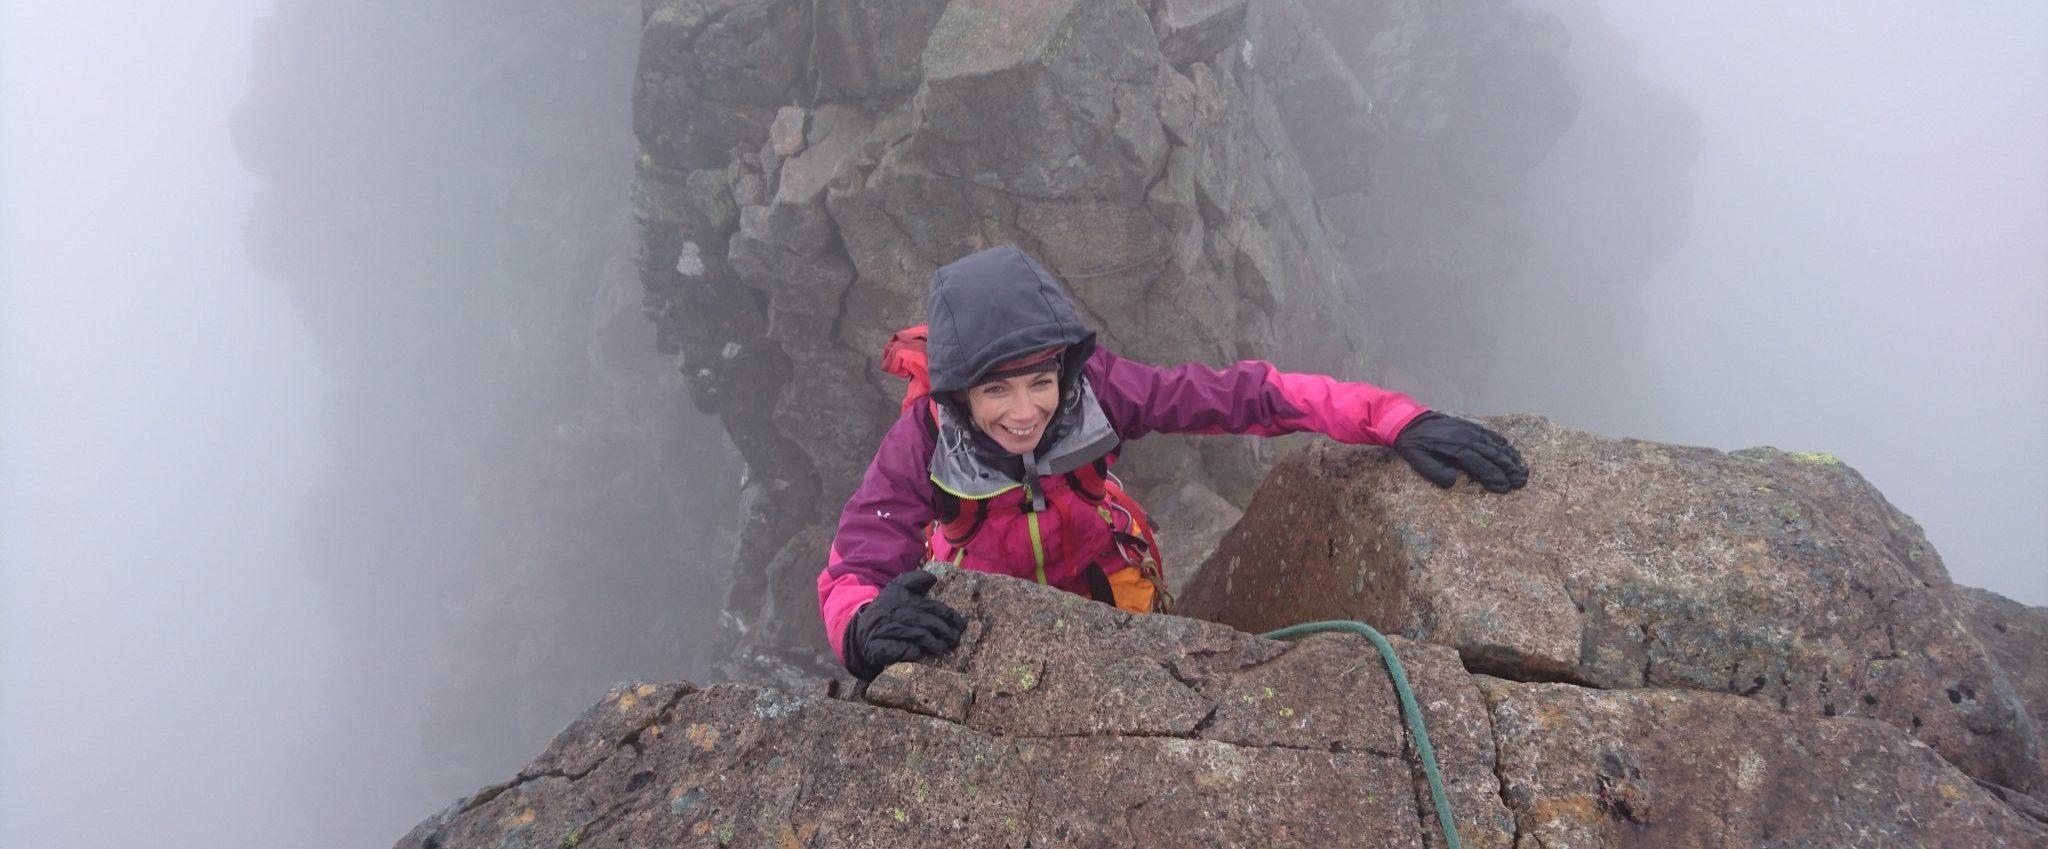 Mountain Guide Scotland